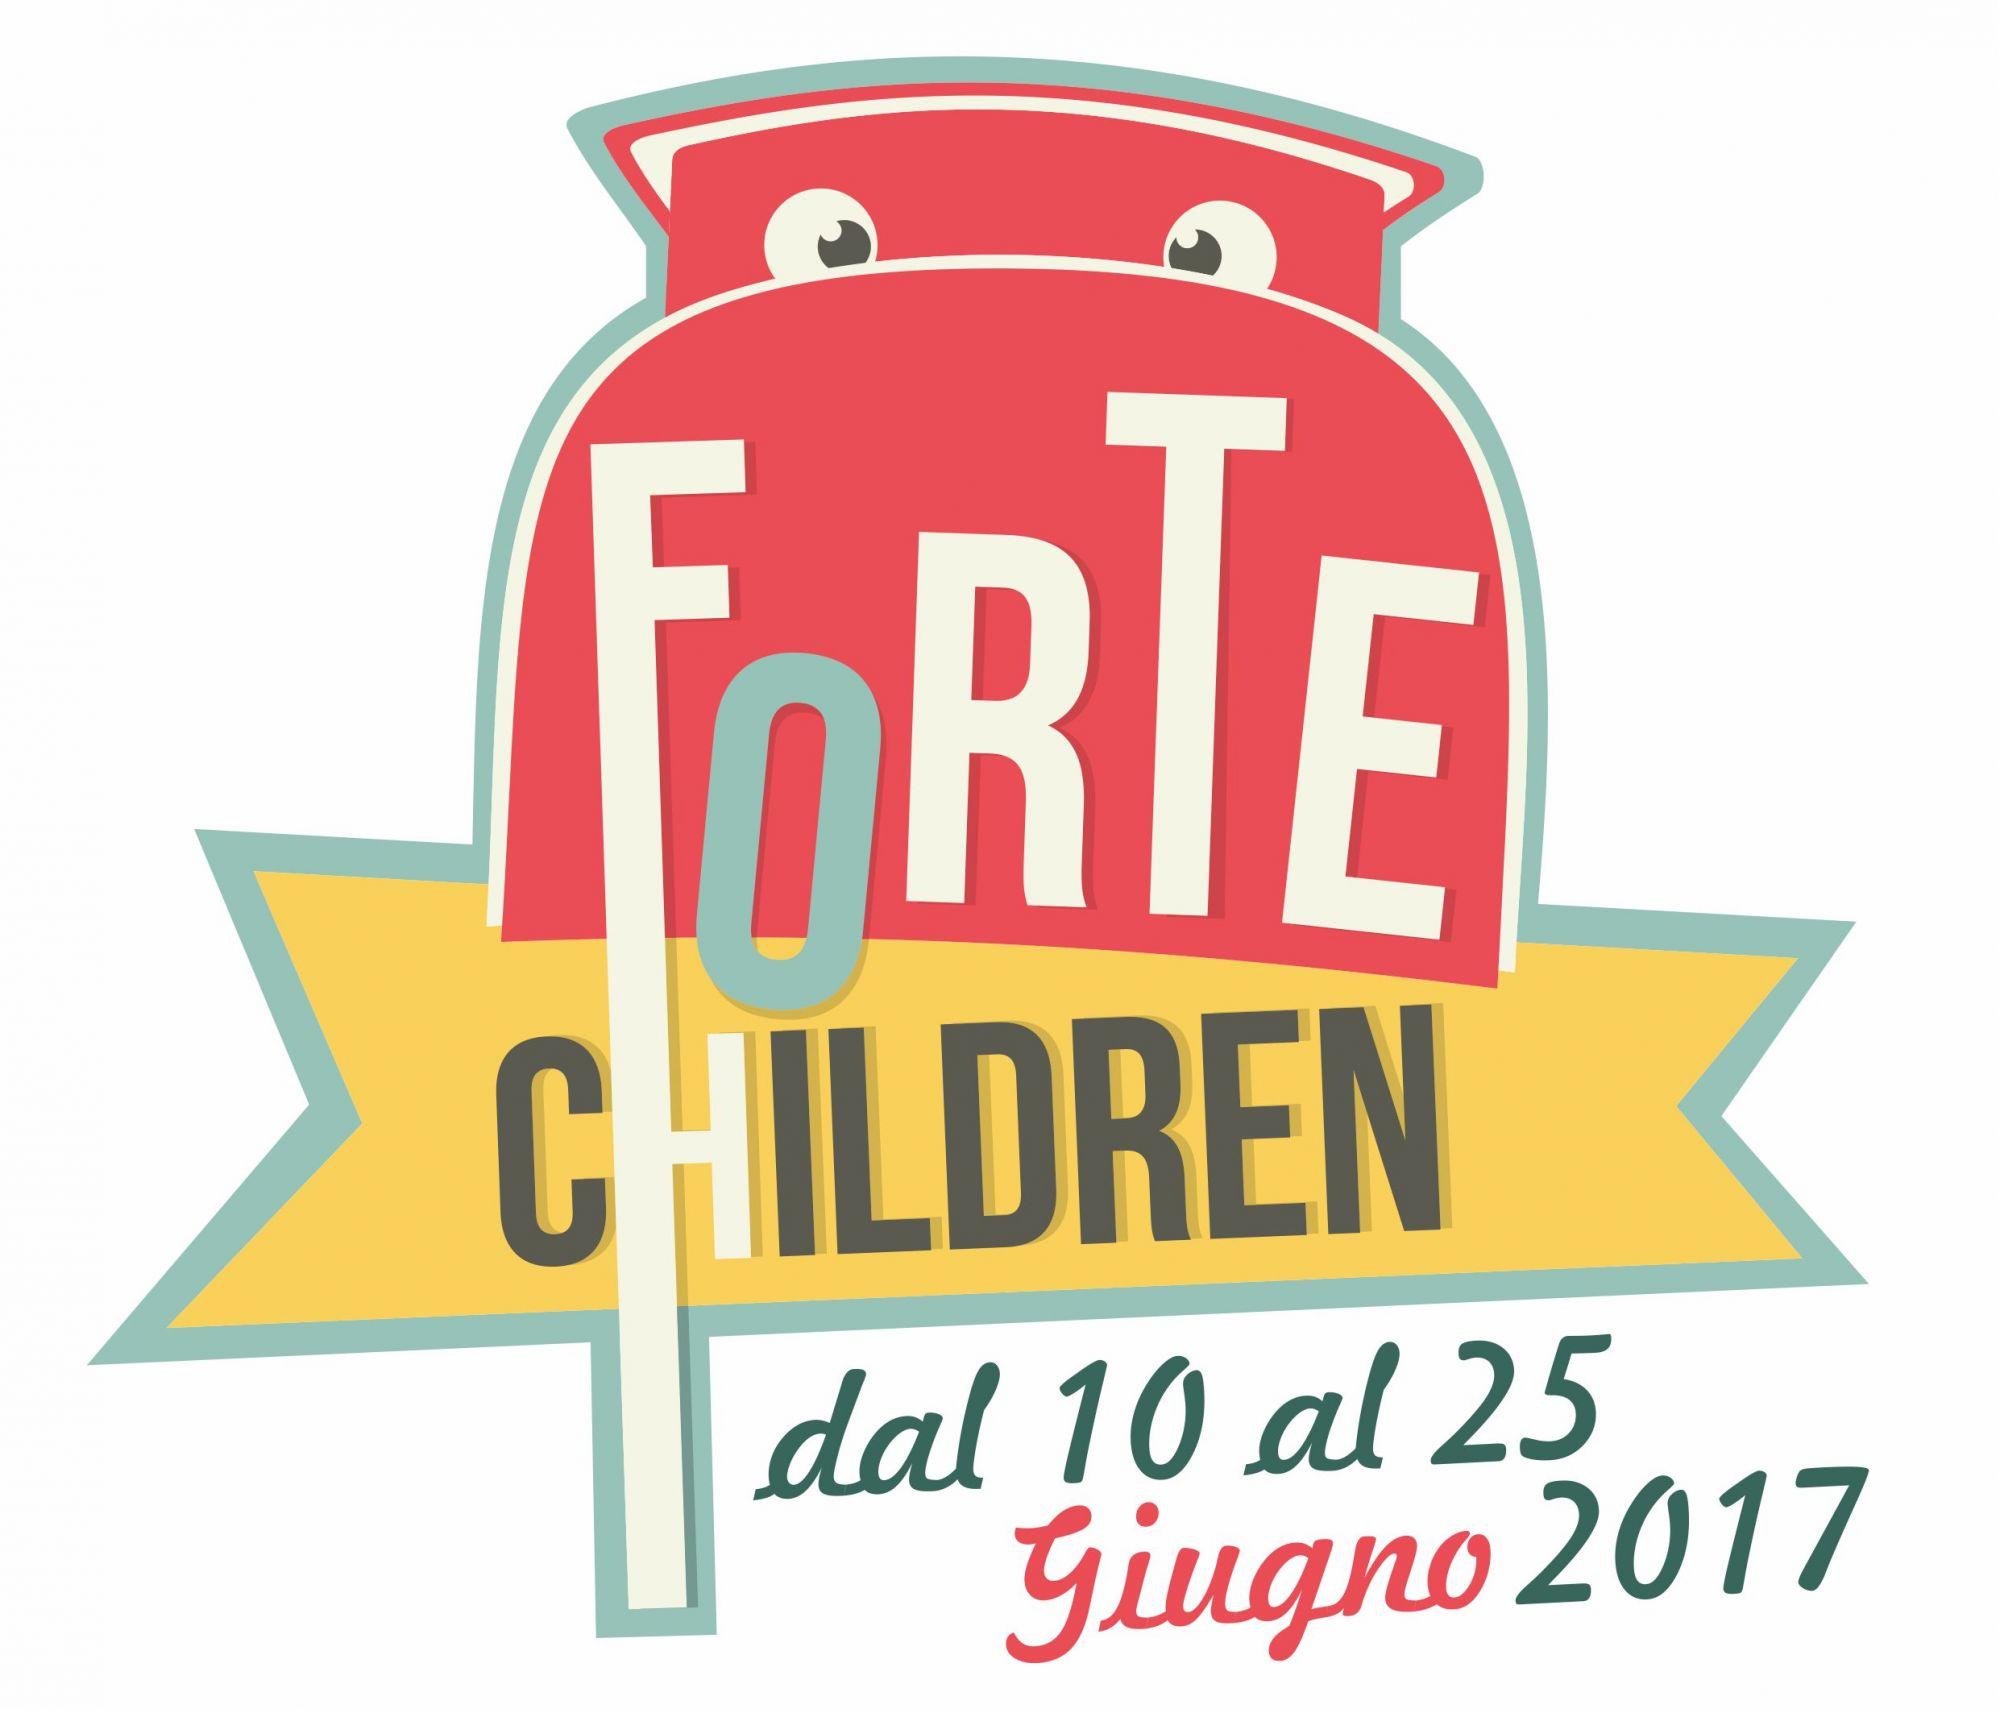 Presentato il programma di Forte Children